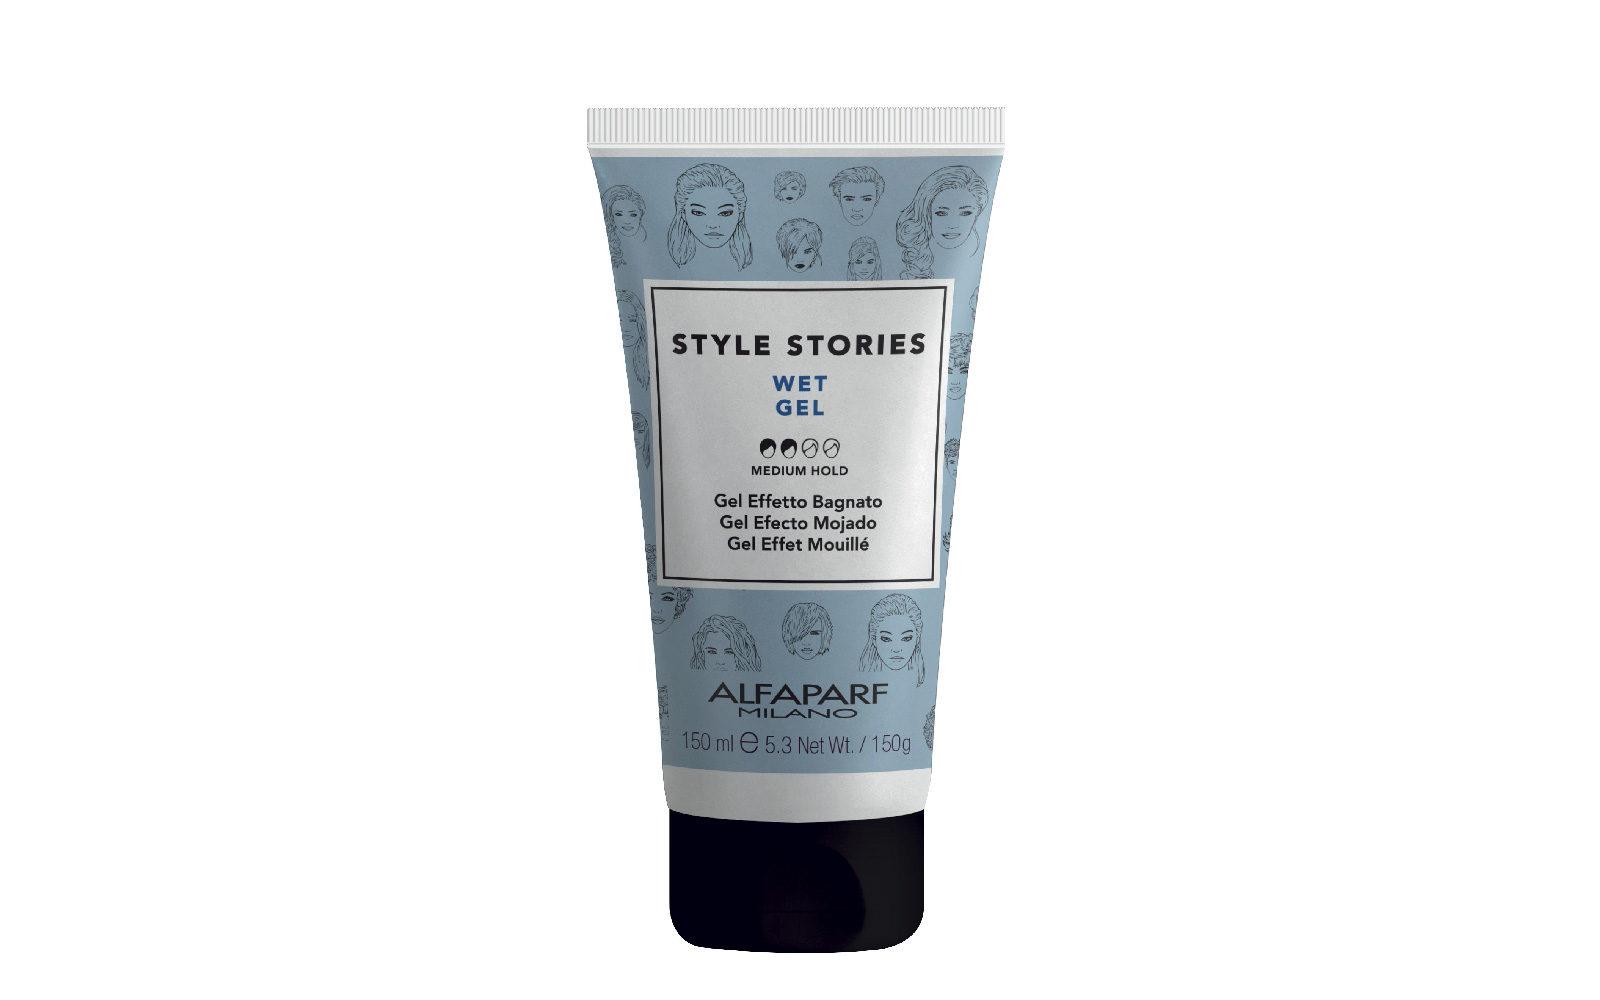 Per uno styling effetto bagnato c'è Wet Gel di Alfaparf Style Stories. Lascia i capelli flessibili e senza residui (salone, 15,90 euro).